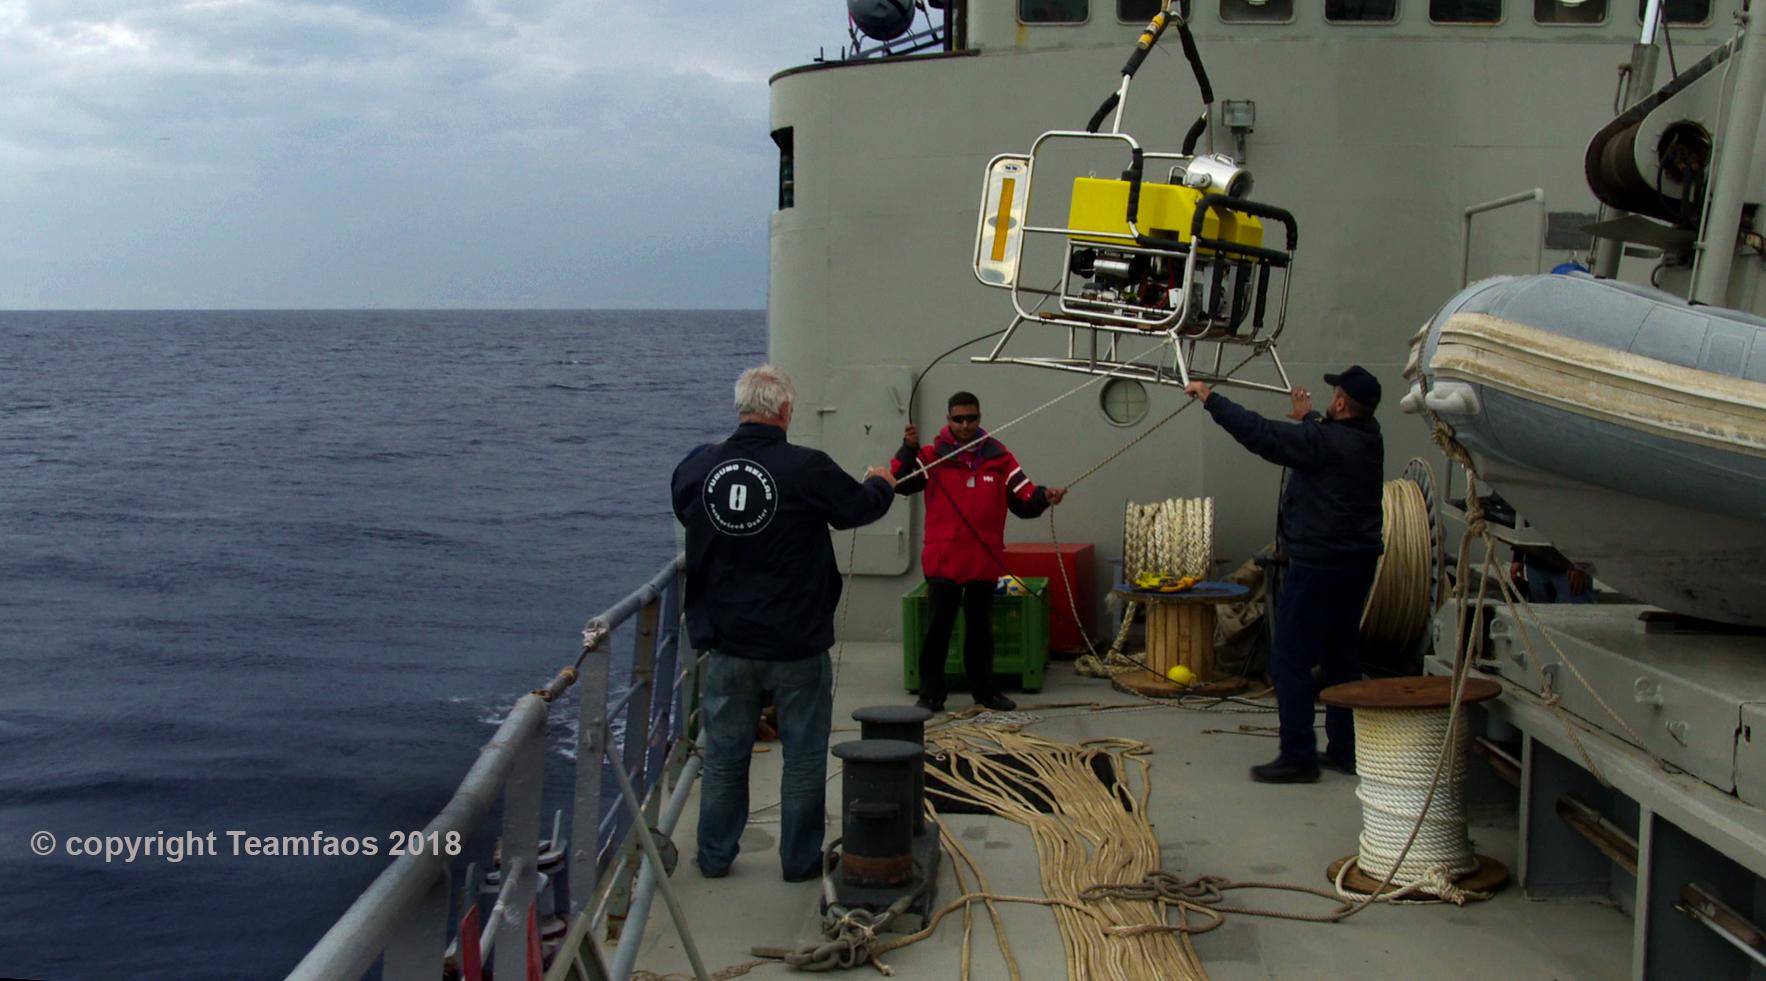 Τα υποβρύχια πλάνα πραγματοποιήθηκαν με ειδικά μη επανδρωμένα σκάφη.